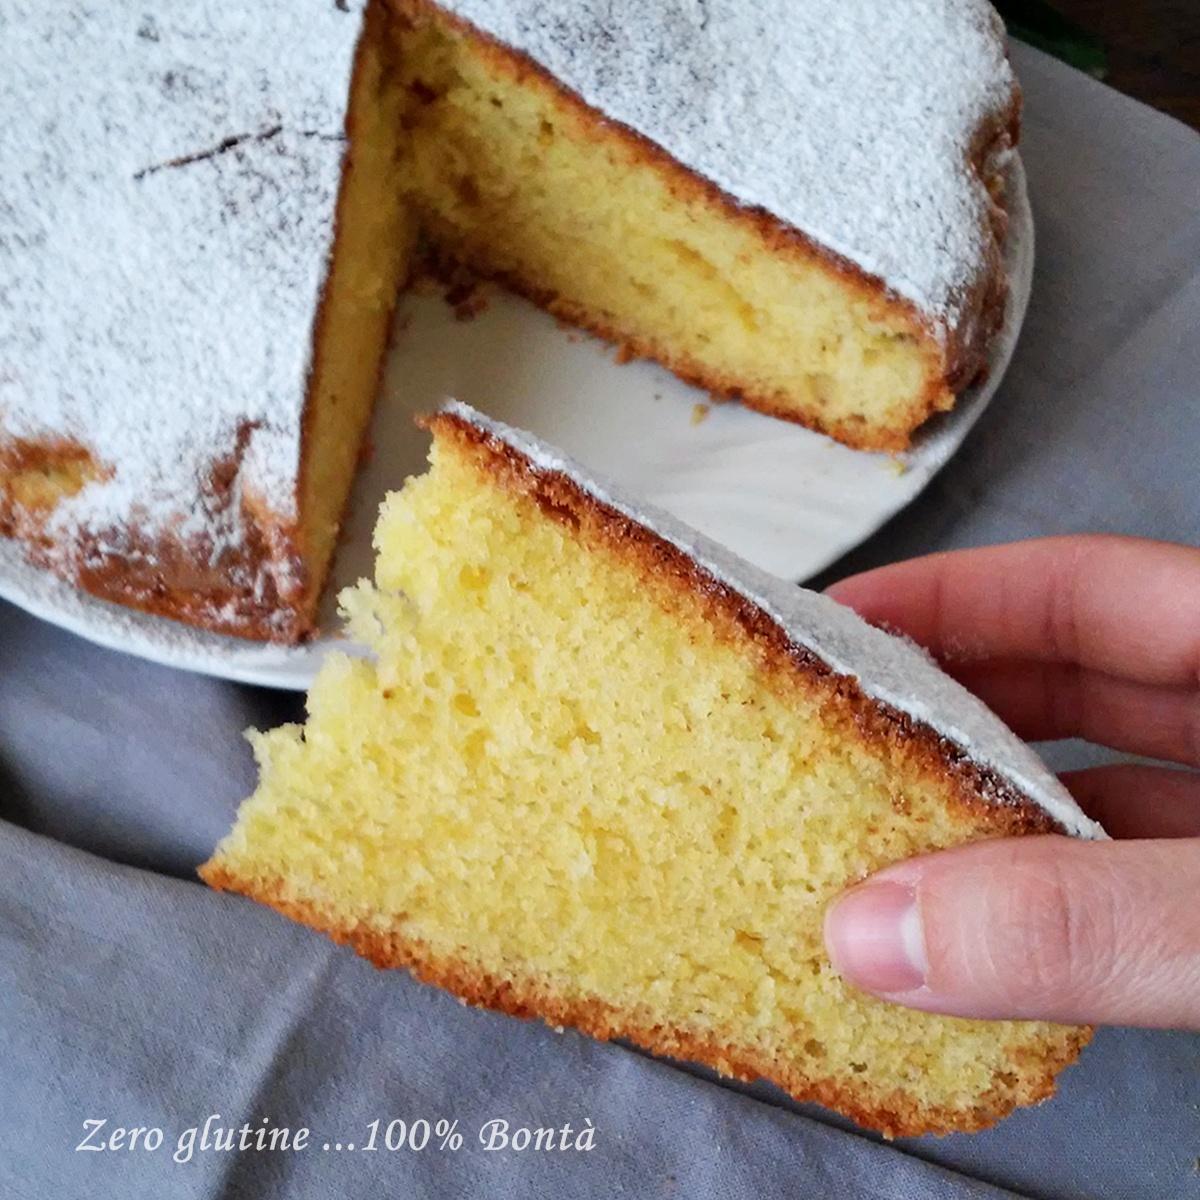 Estremamente Torta all'arancia senza glutine e lattosio - zero glutine100% Bontà LM69